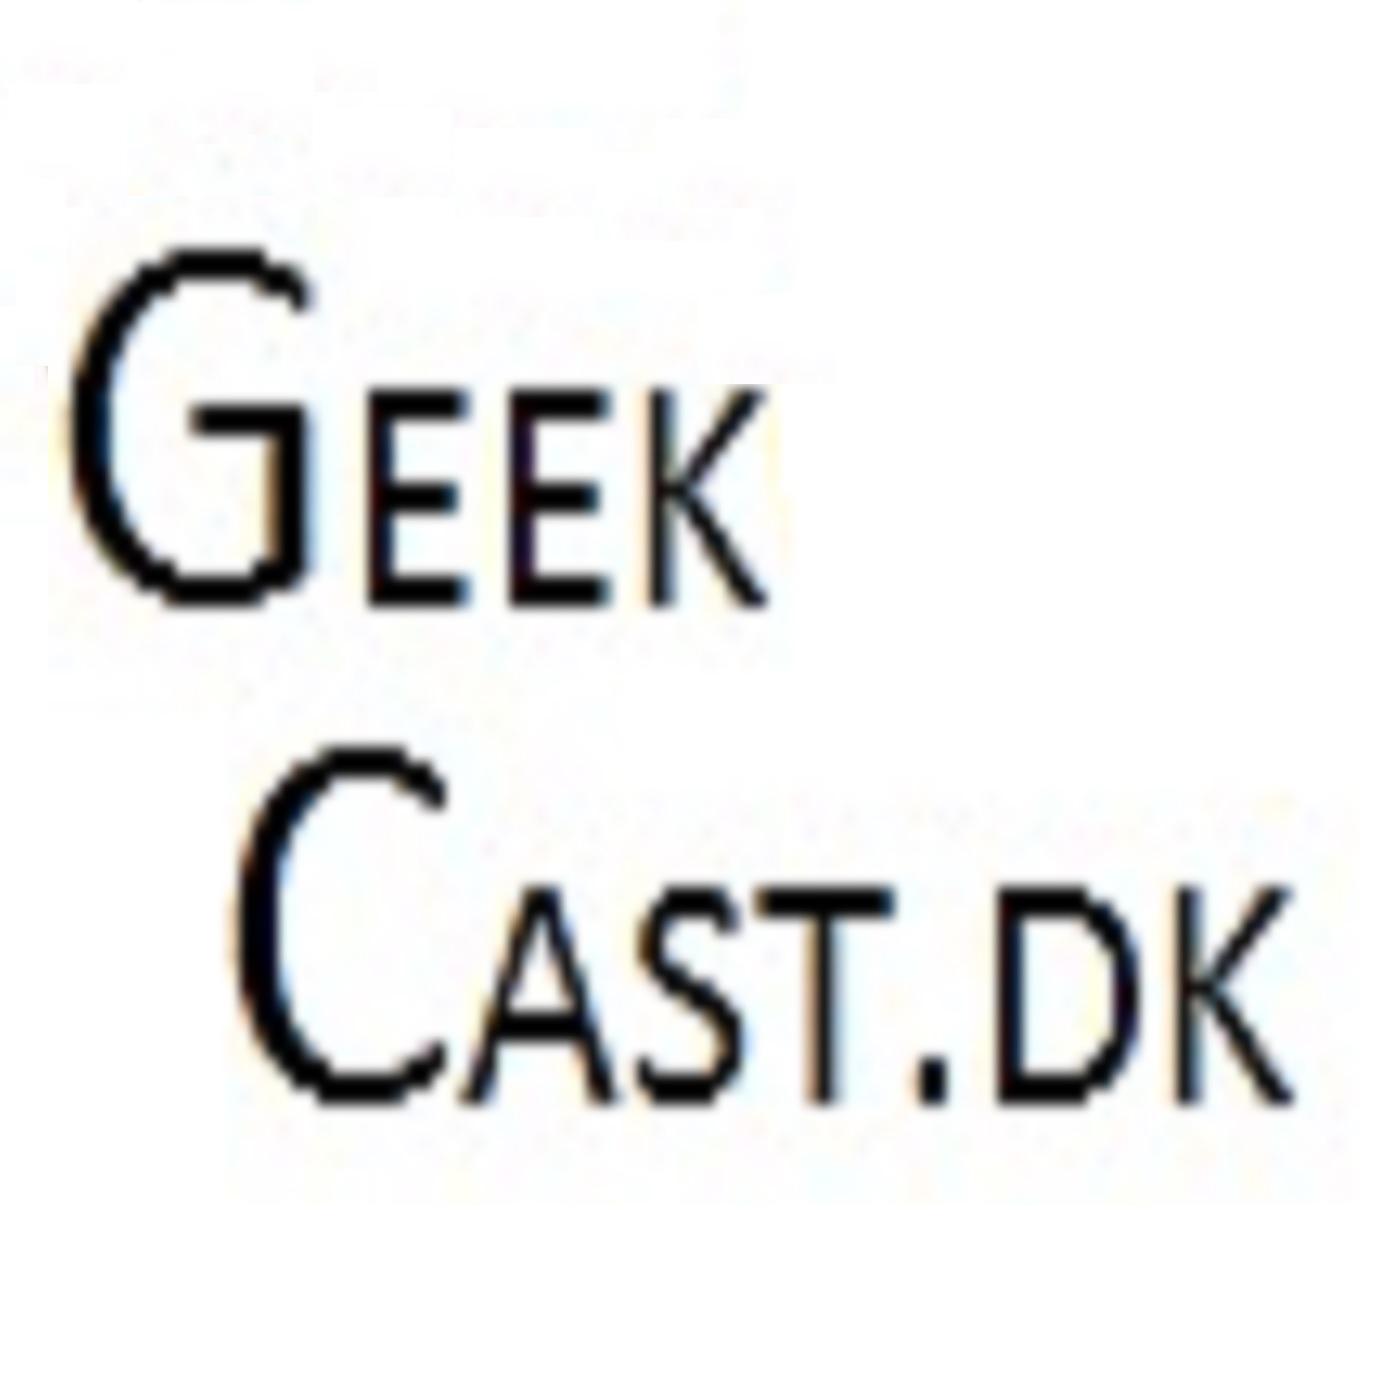 Geekcast.dk episode 40